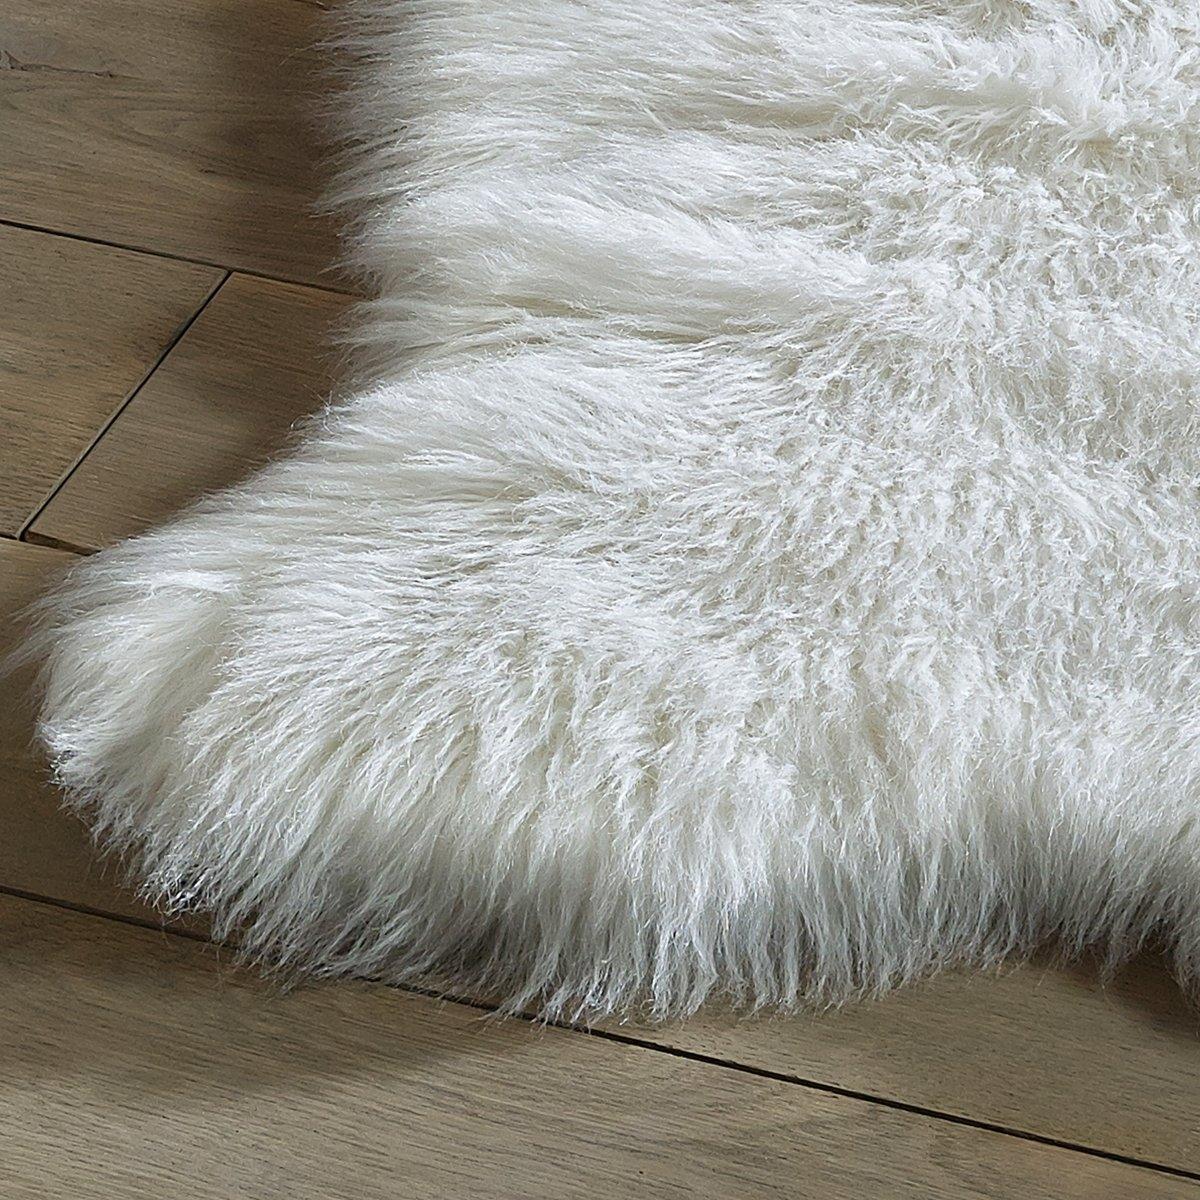 Коврик прикроватный под мутон LivioХарактеристики прикроватного коврика под мутон Livio :70% акрил, 30% полиэстер, 1200г/м2Толщина ворса : 65 мм.   Найдите ковер Livio на сайте laredoute.ruРазмеры прикроватного коврика под мутон Livio   :55 x 90 см<br><br>Цвет: белый,серый<br>Размер: 55 x 90